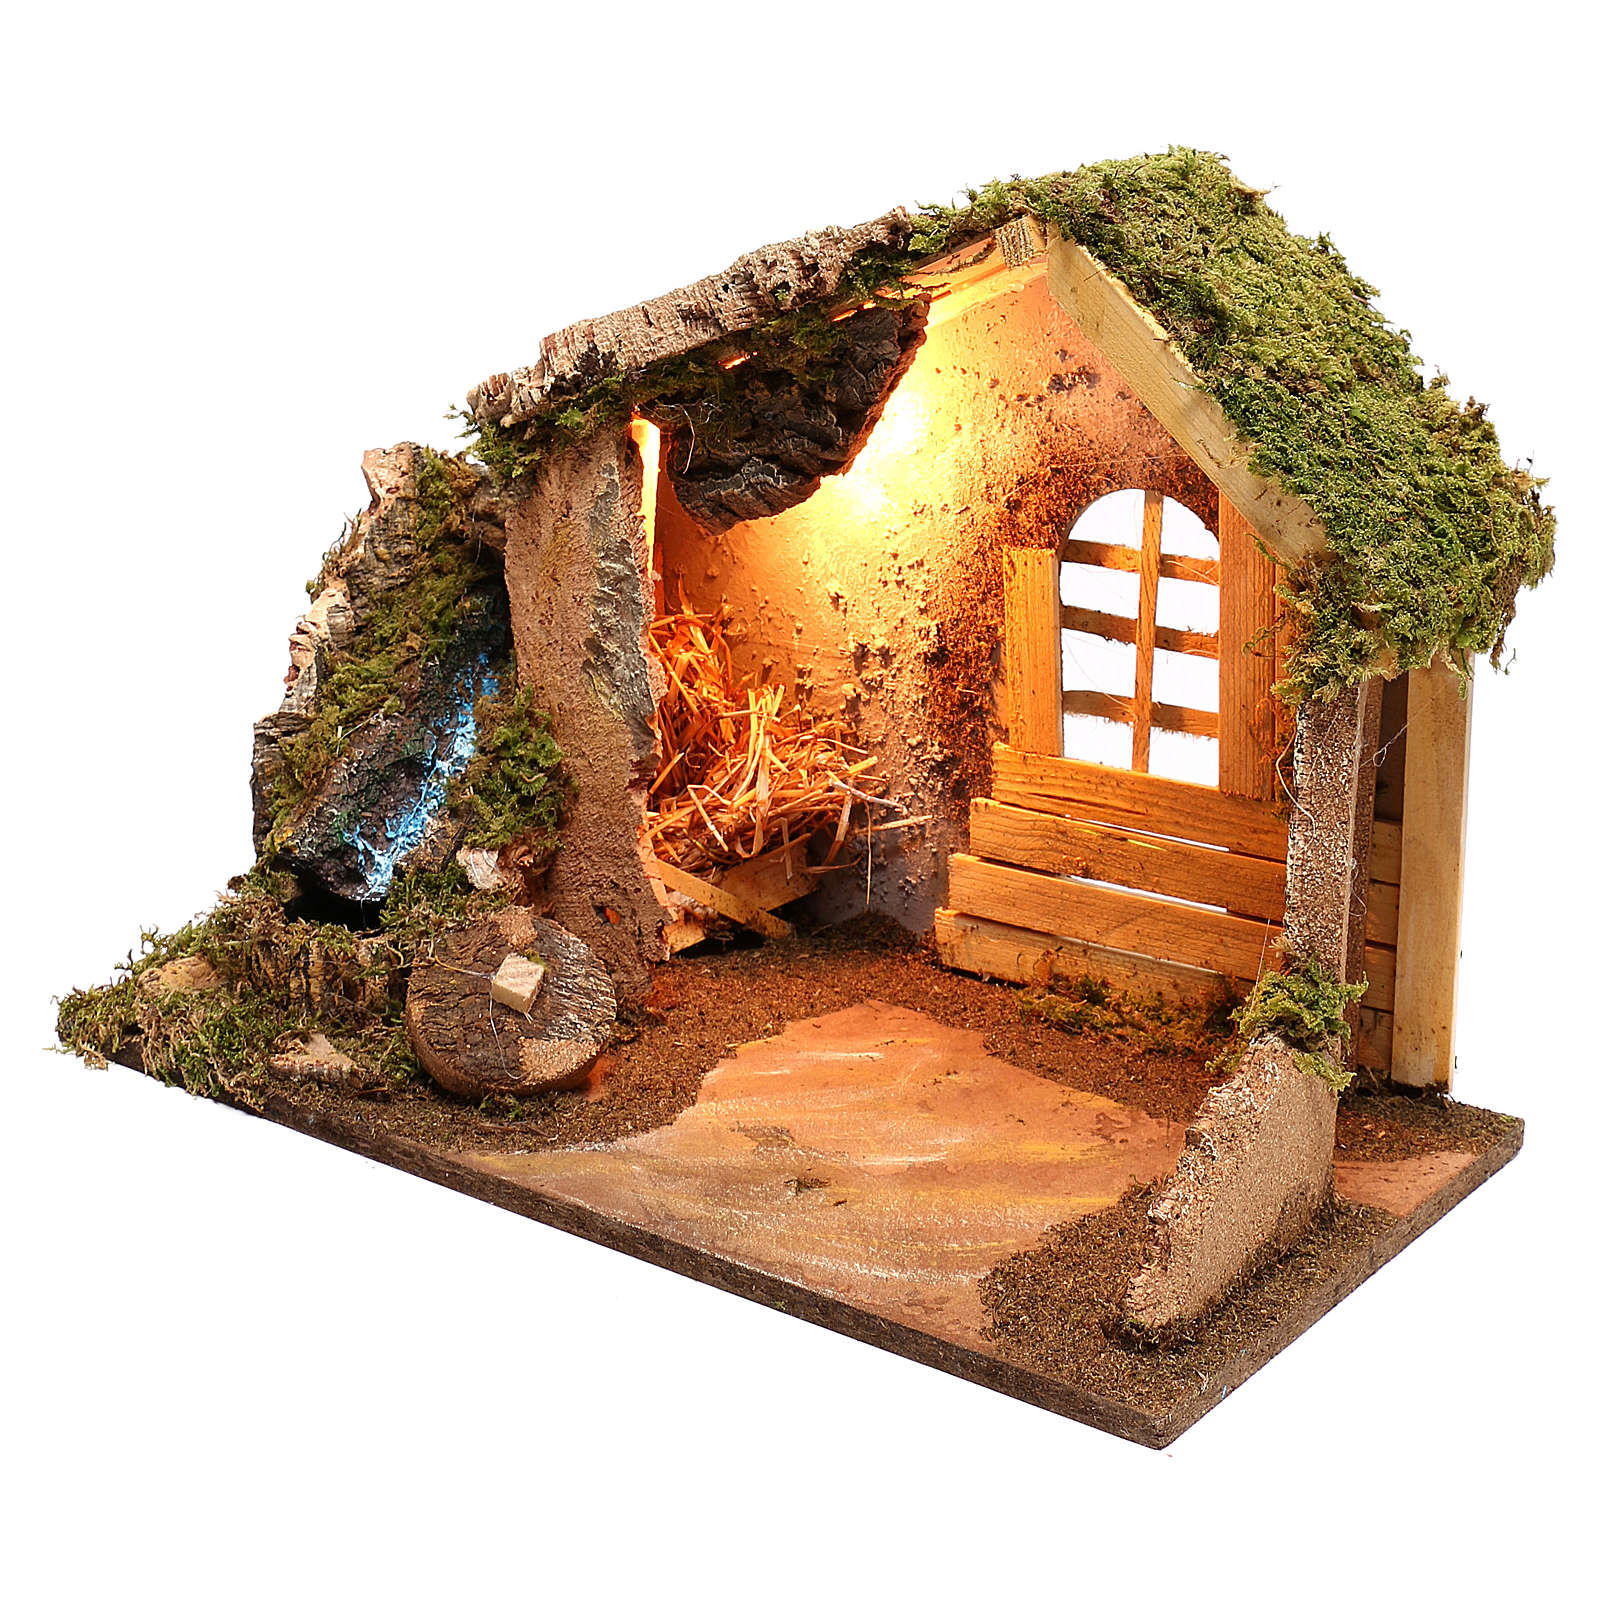 Cabaña de madera con cascada lateral que funciona belén 14 cm 4